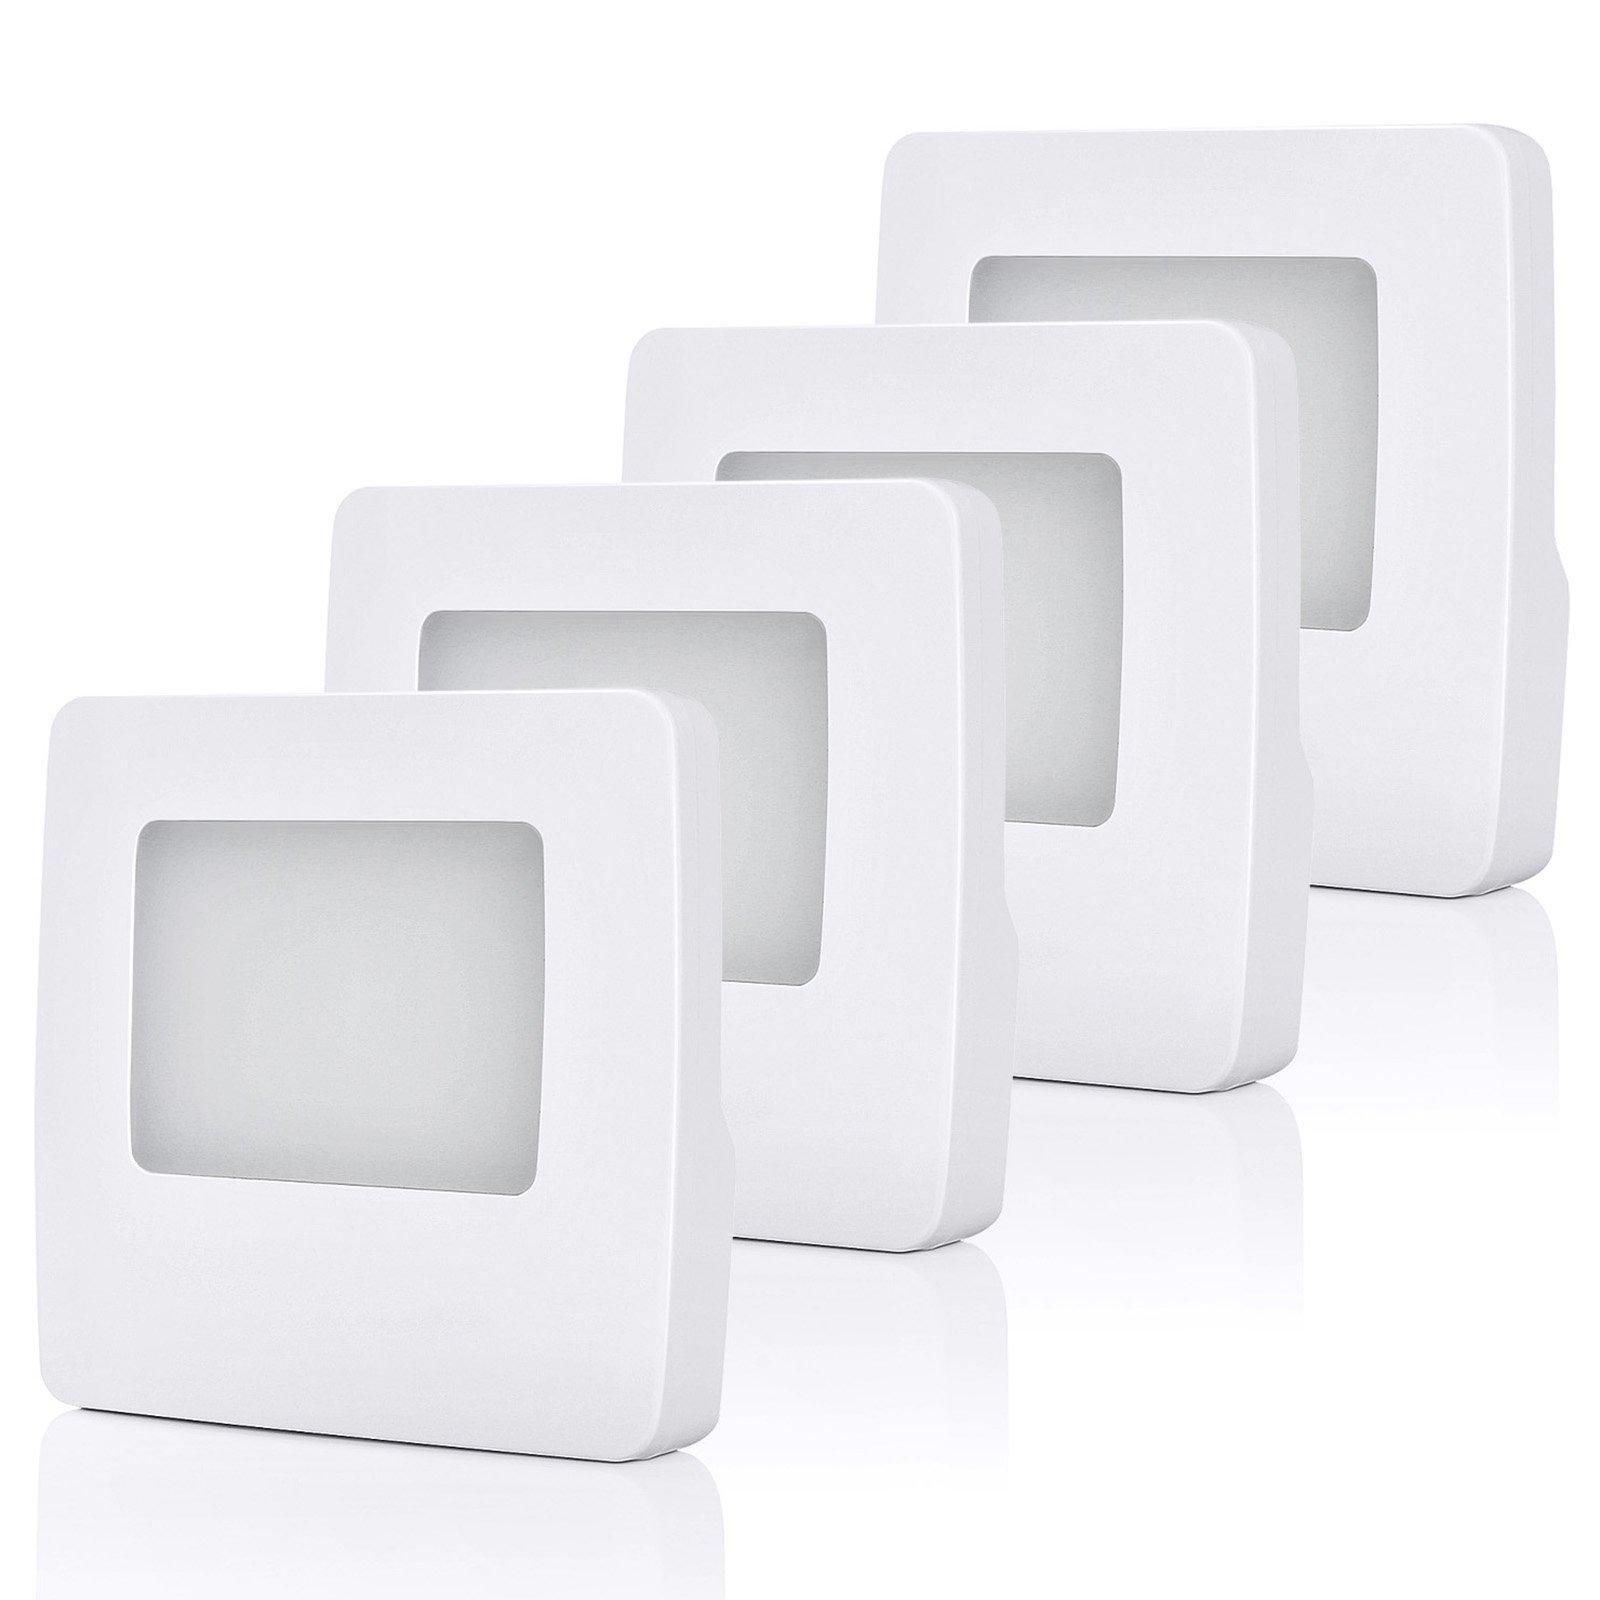 DEWENWILS Plug in LED Night Light, Nightlight with Dusk to Dawn Sensor, Warm White 3000K for Hallway Bathroom Bedroom Kids Baby Nursery, Pack of 4 by DEWENWILS